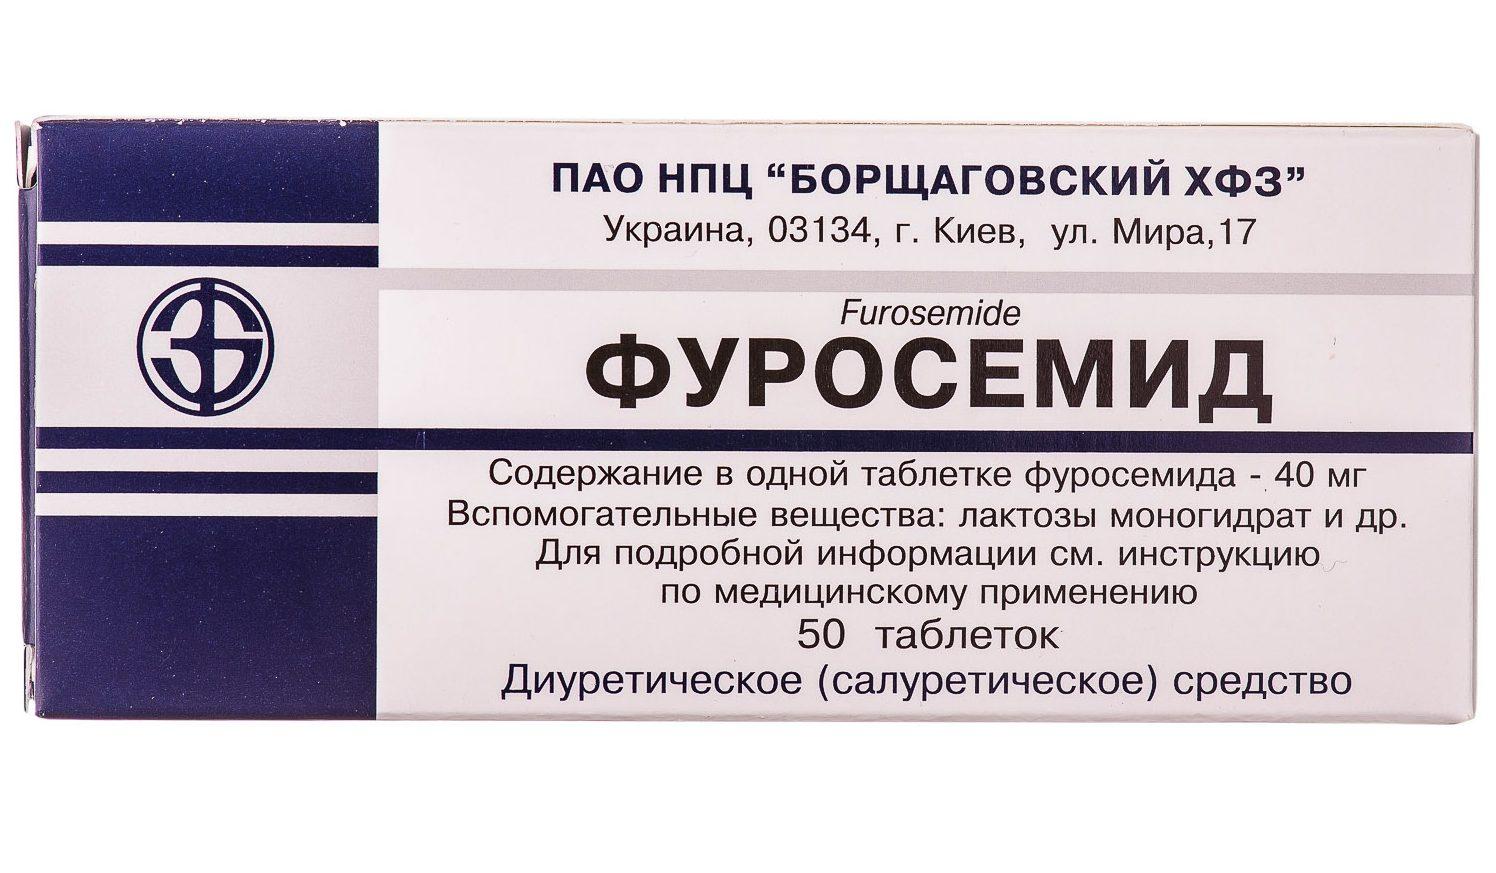 Najnoviji lijekovi za popis hipertenzije